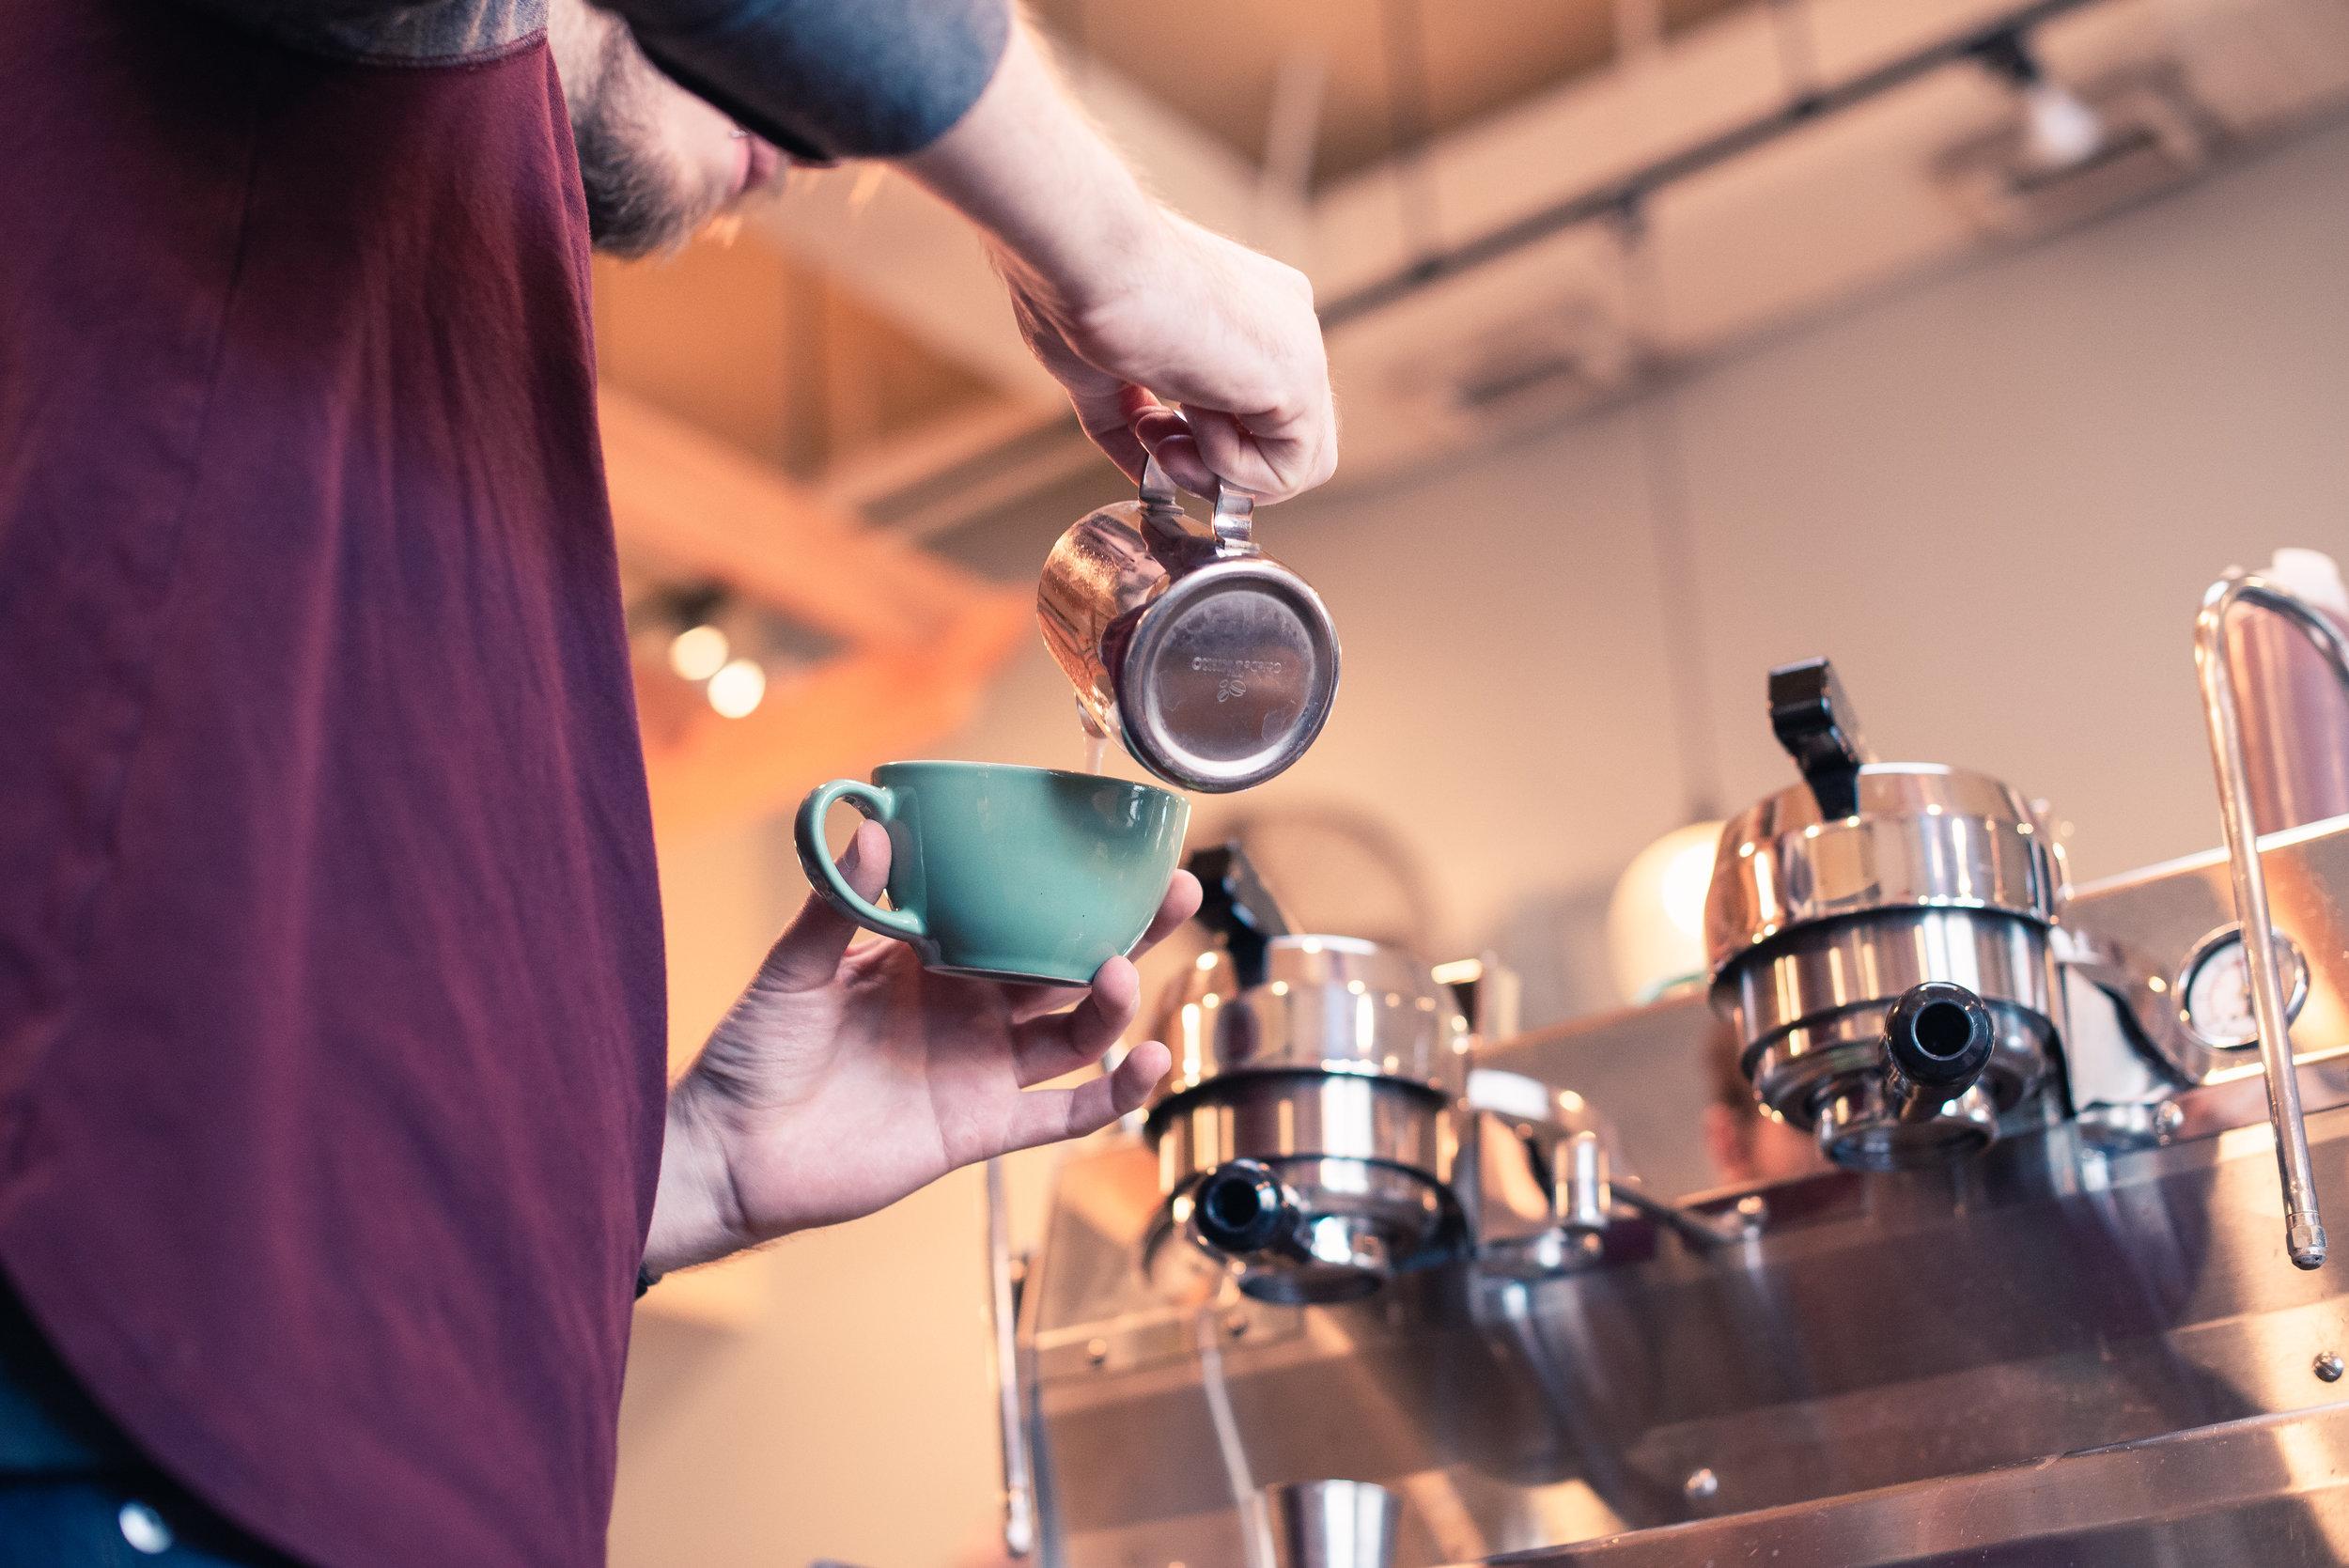 penstock-latte-pour